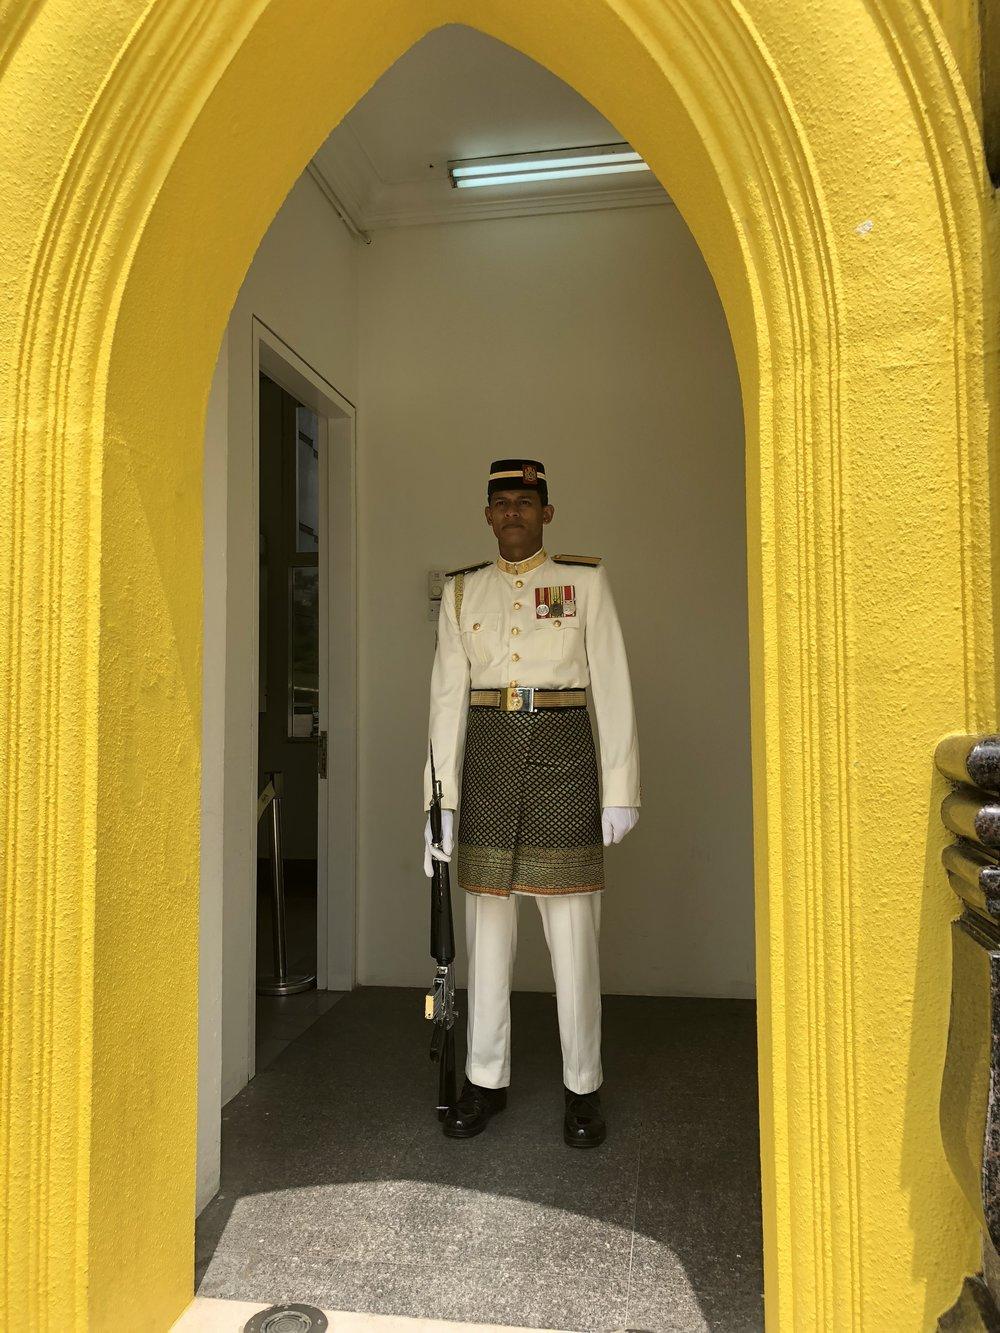 Malaysia Palace Guard 2.jpg